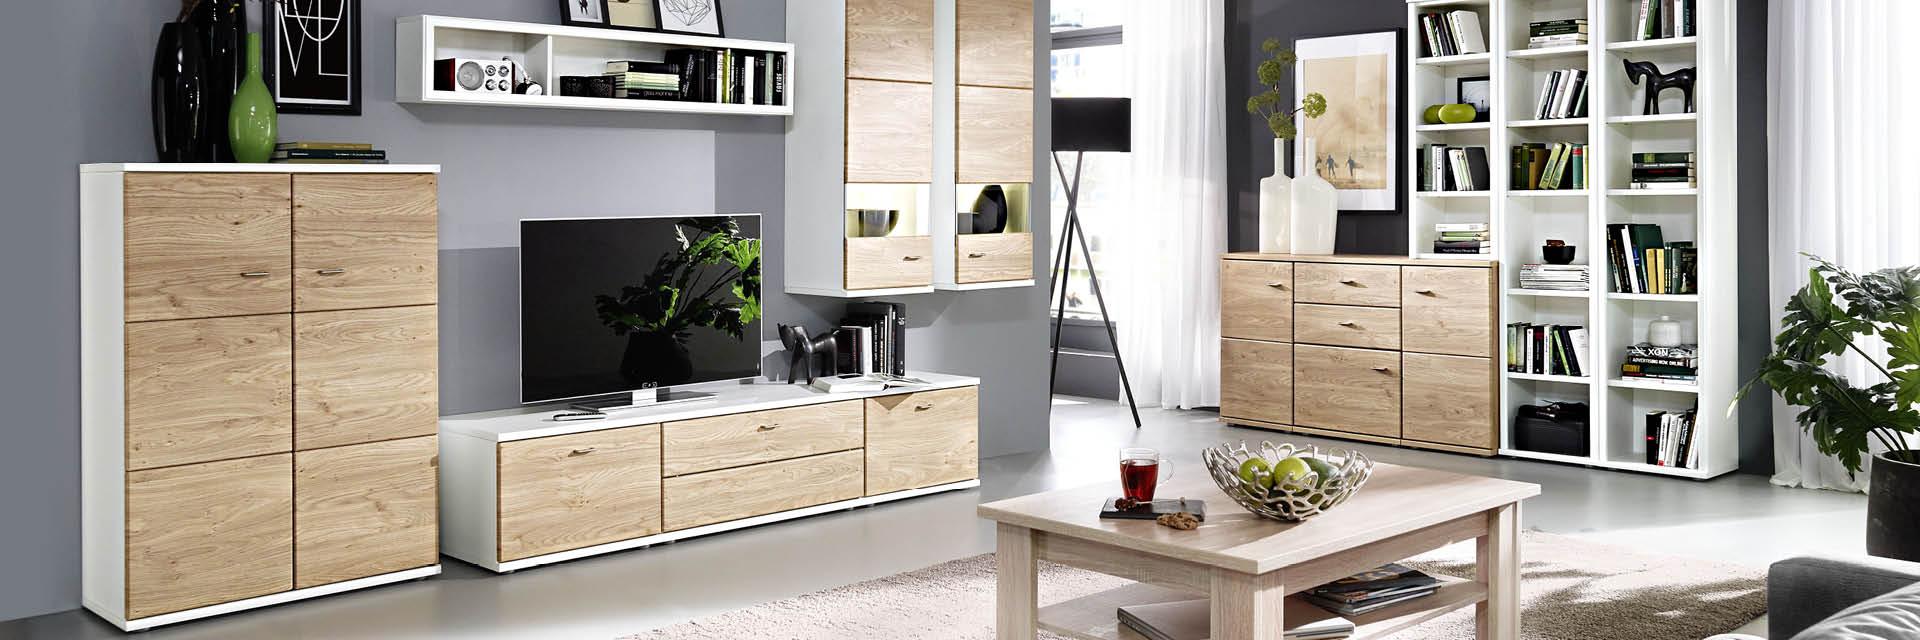 Wohnwände: die Königsklasse der Wohnzimmermöbel